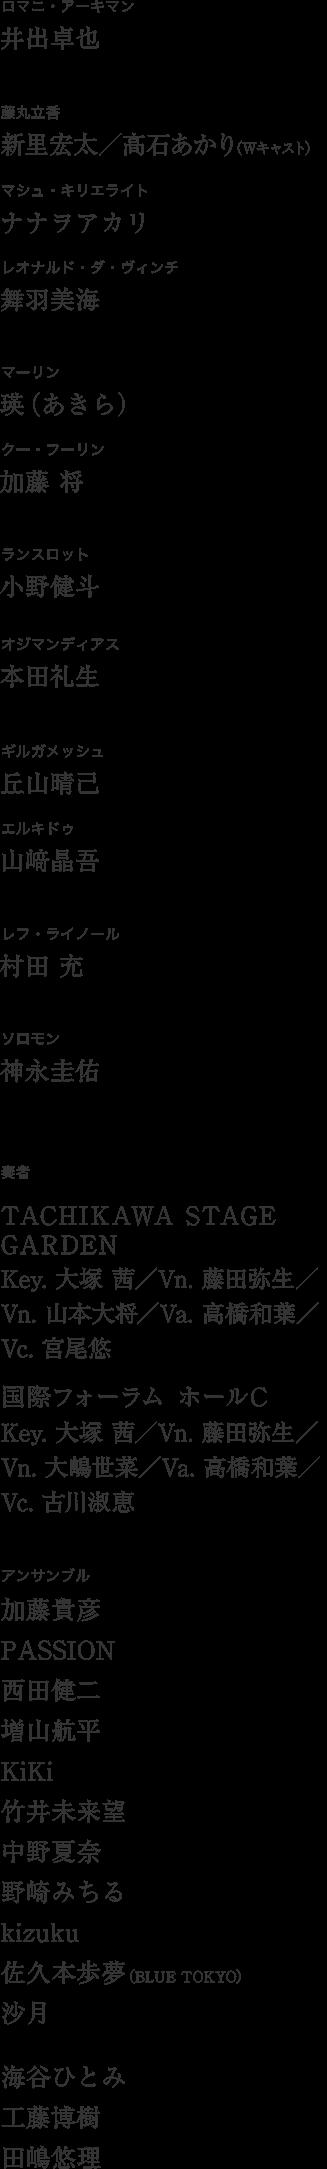 東京 grand cast